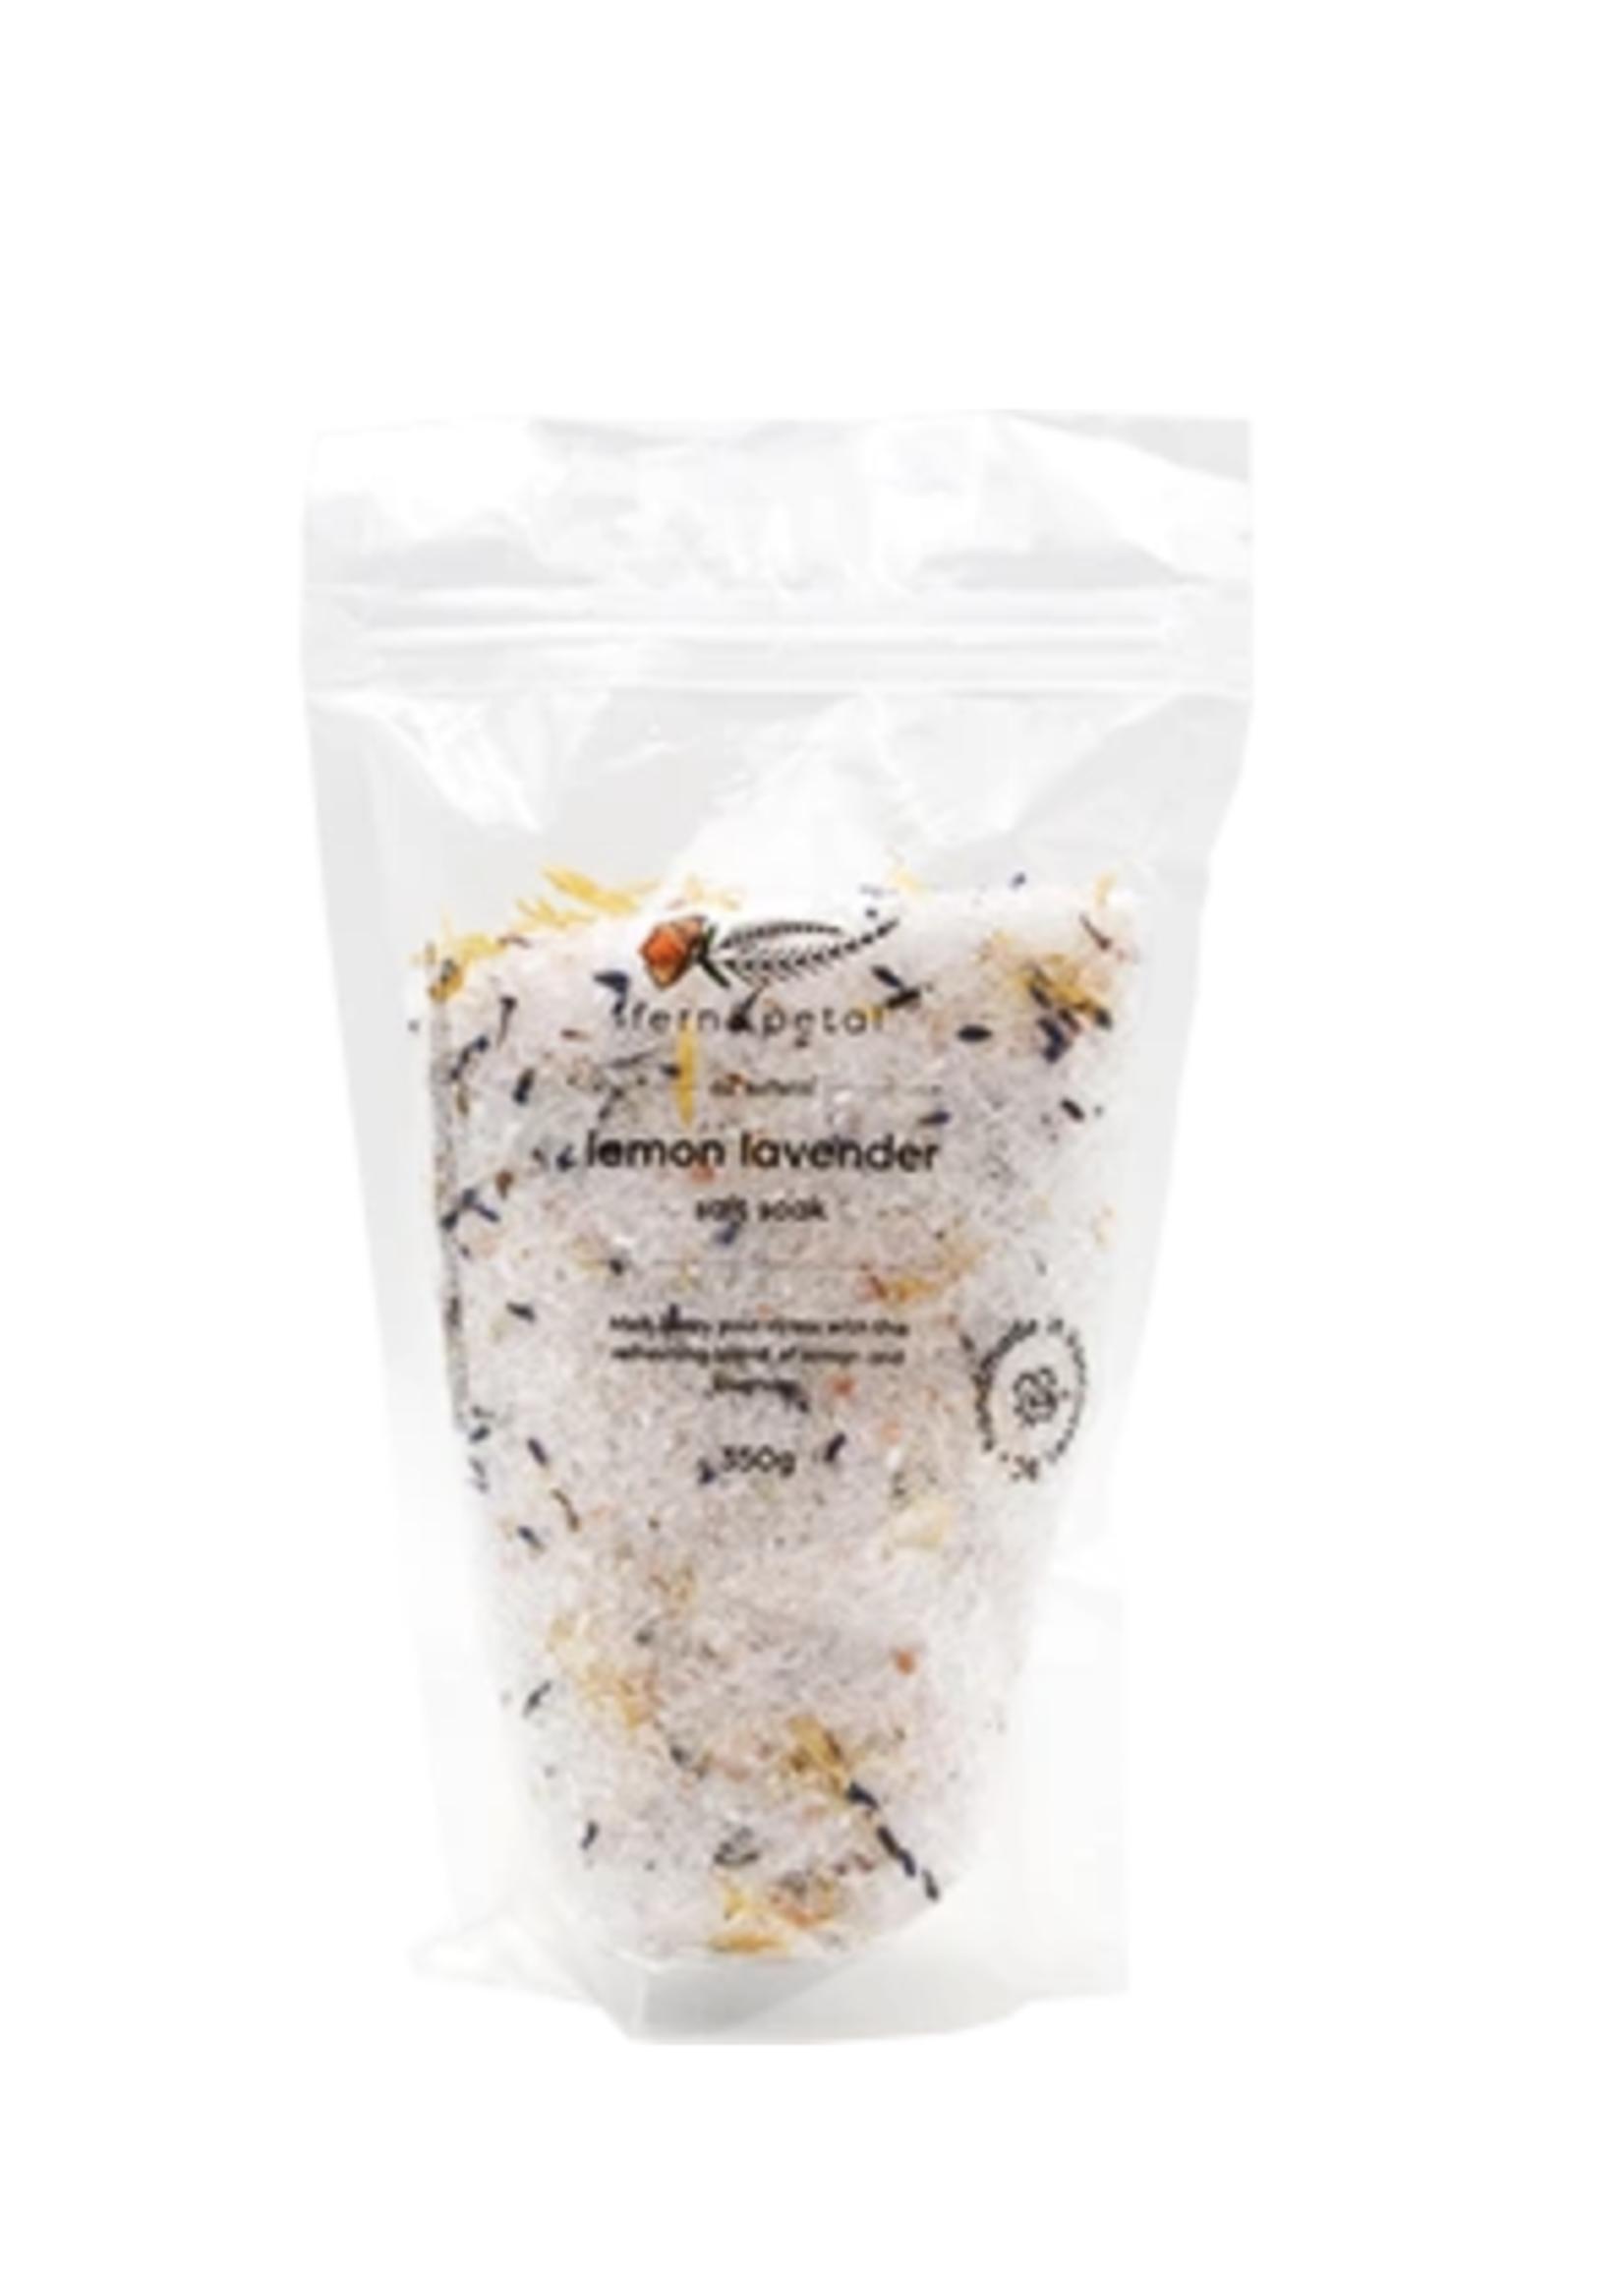 Lemon Lavender Bath Soak   350g